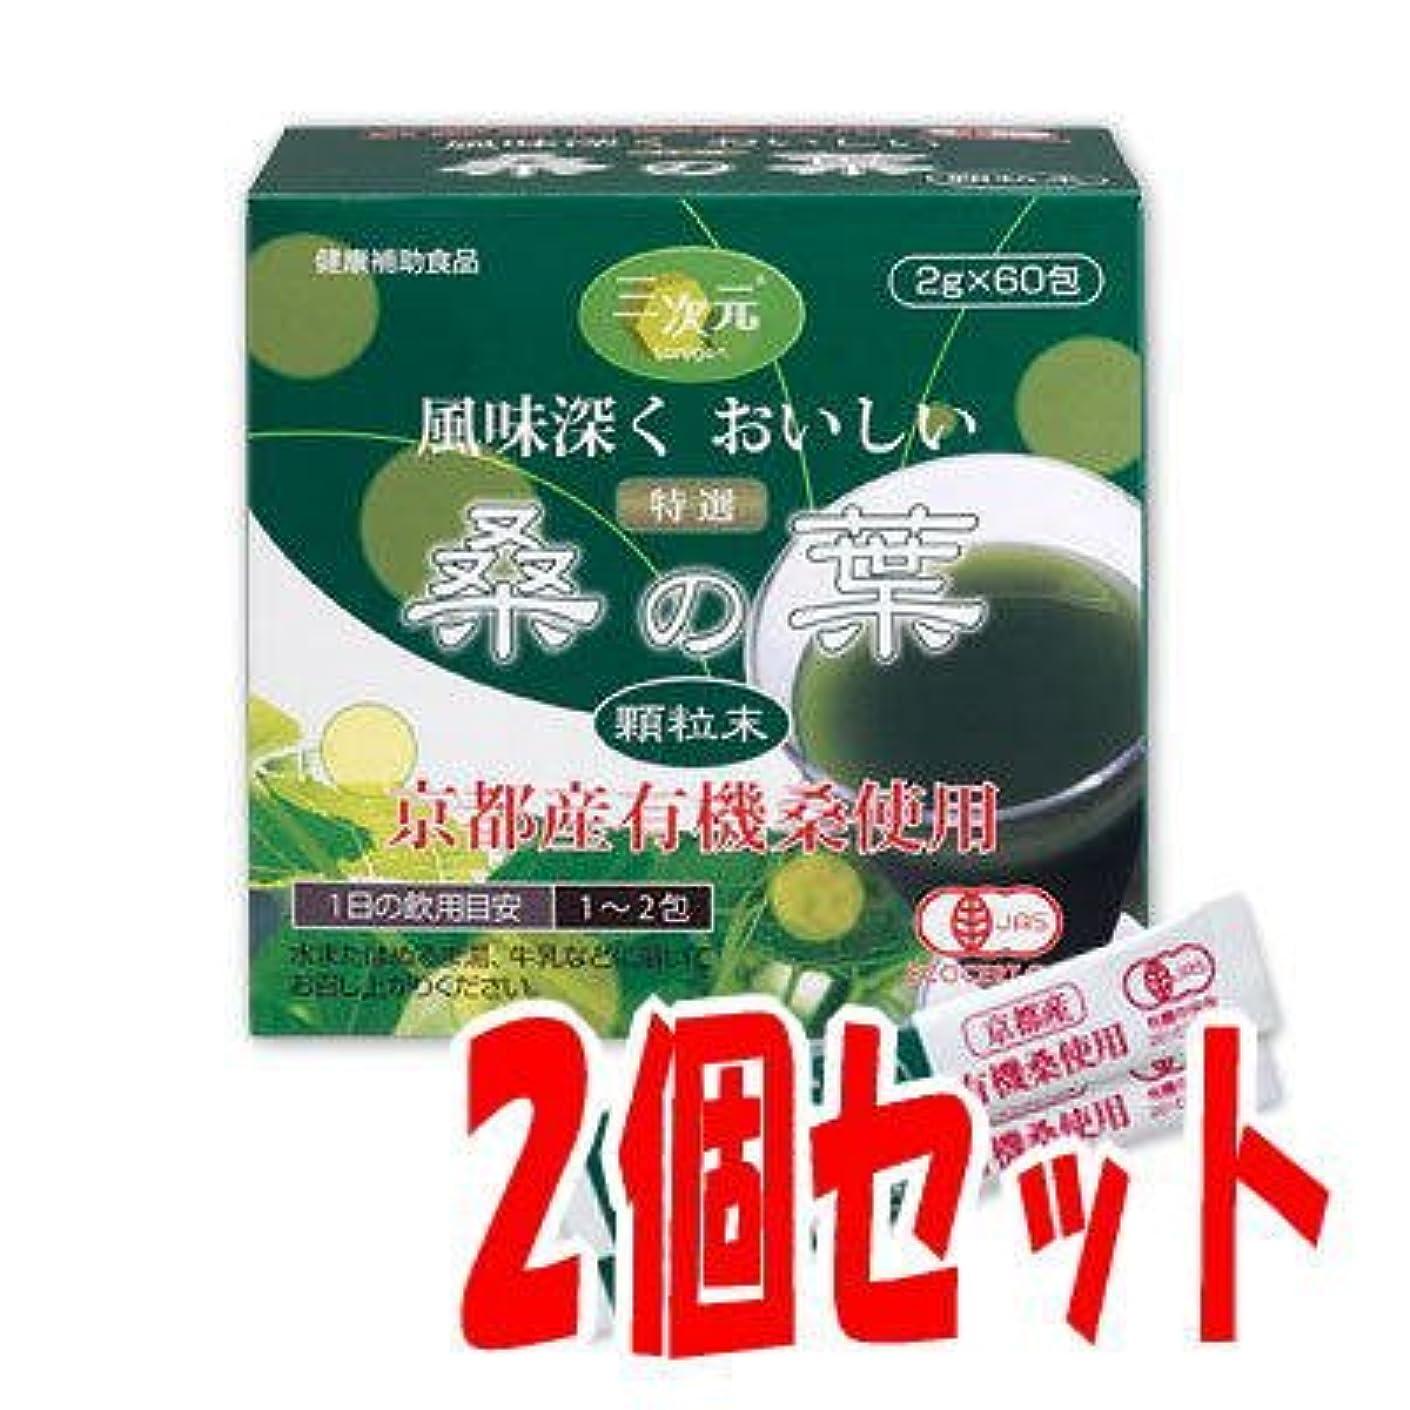 肌グレー山積みの特選「桑の葉」顆粒末1箱60包入×2箱セット 国産(京都産)有機桑使用 苦くなく風味深くおいしい青汁